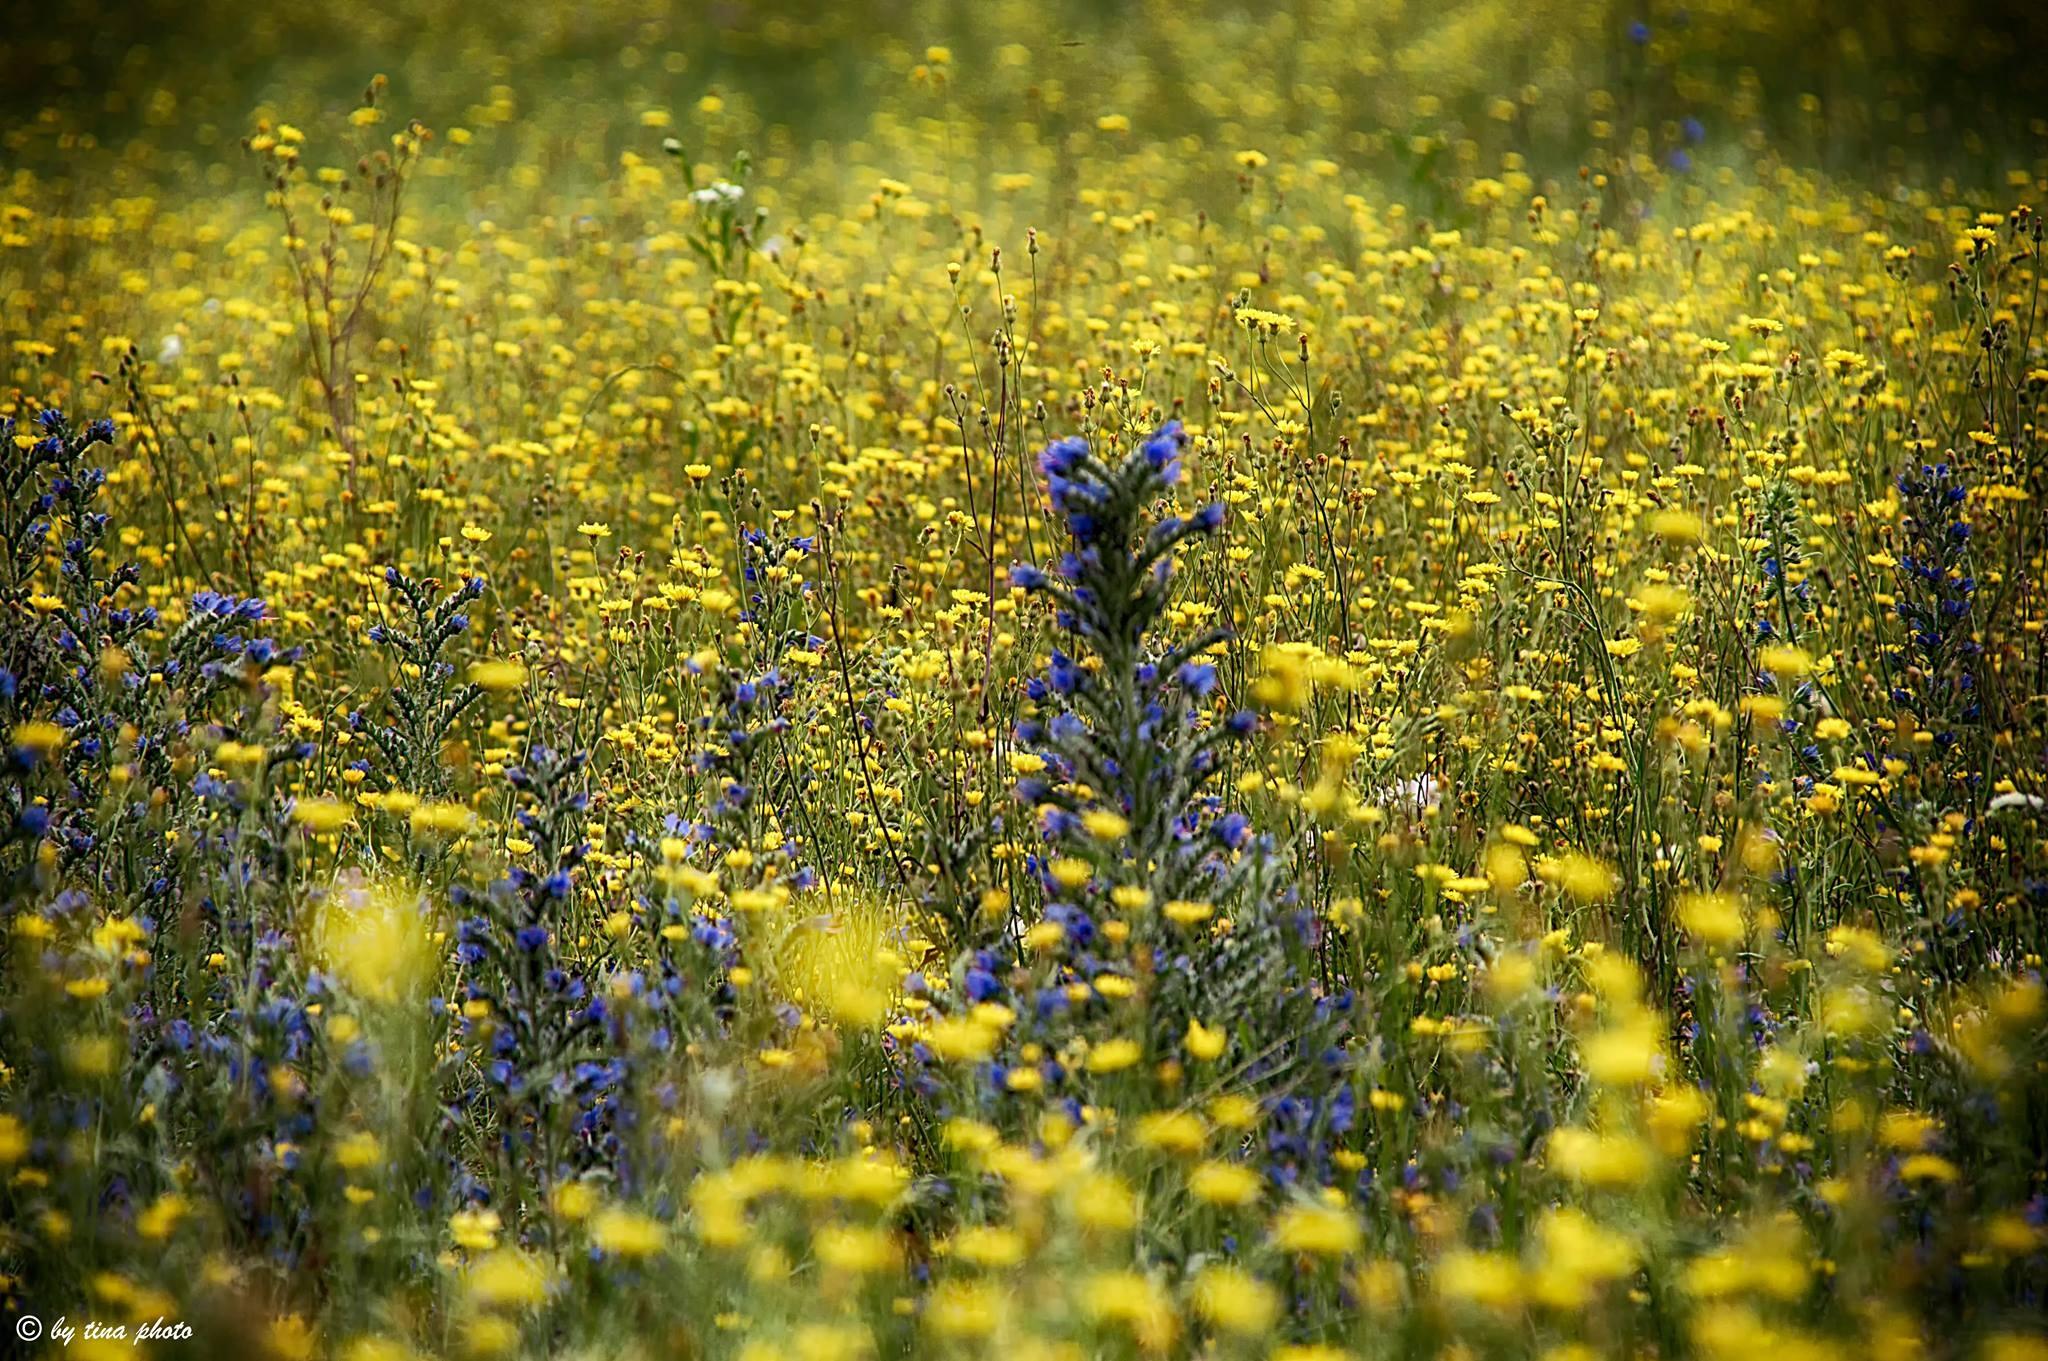 Field of flowers by Kristina Jelenčić